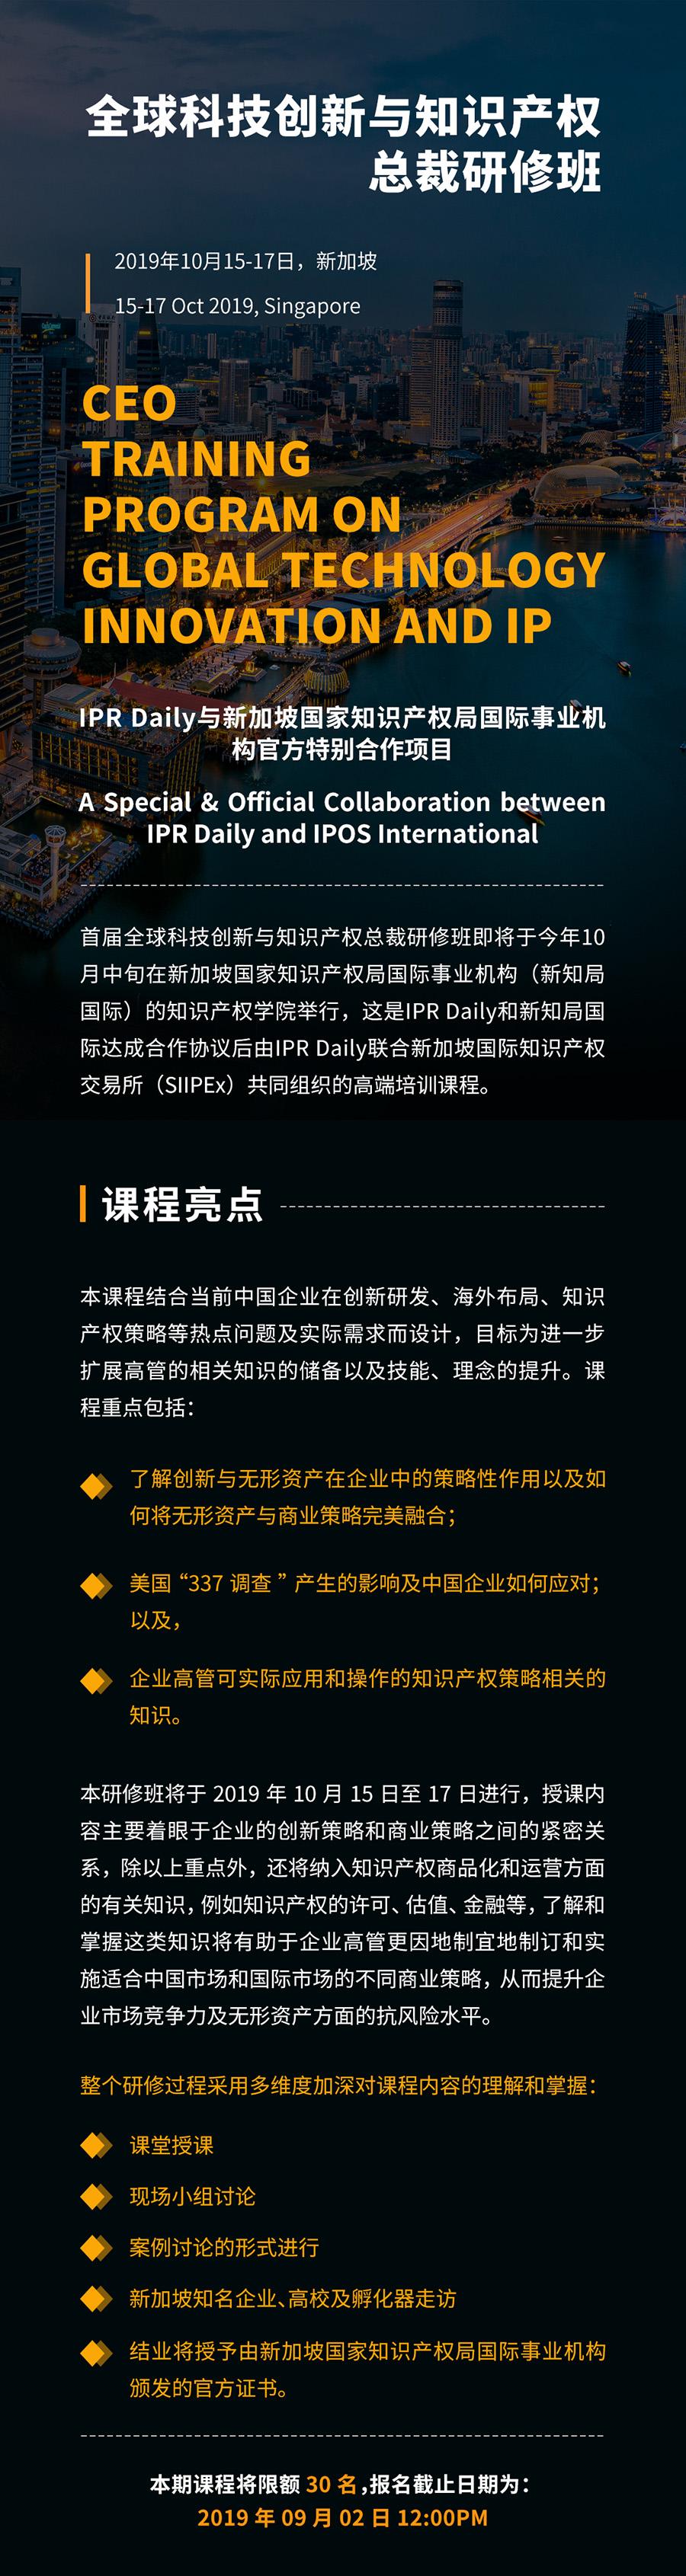 """官宣!首届""""全球科技创新与知识产权总裁研修班""""招生简章"""